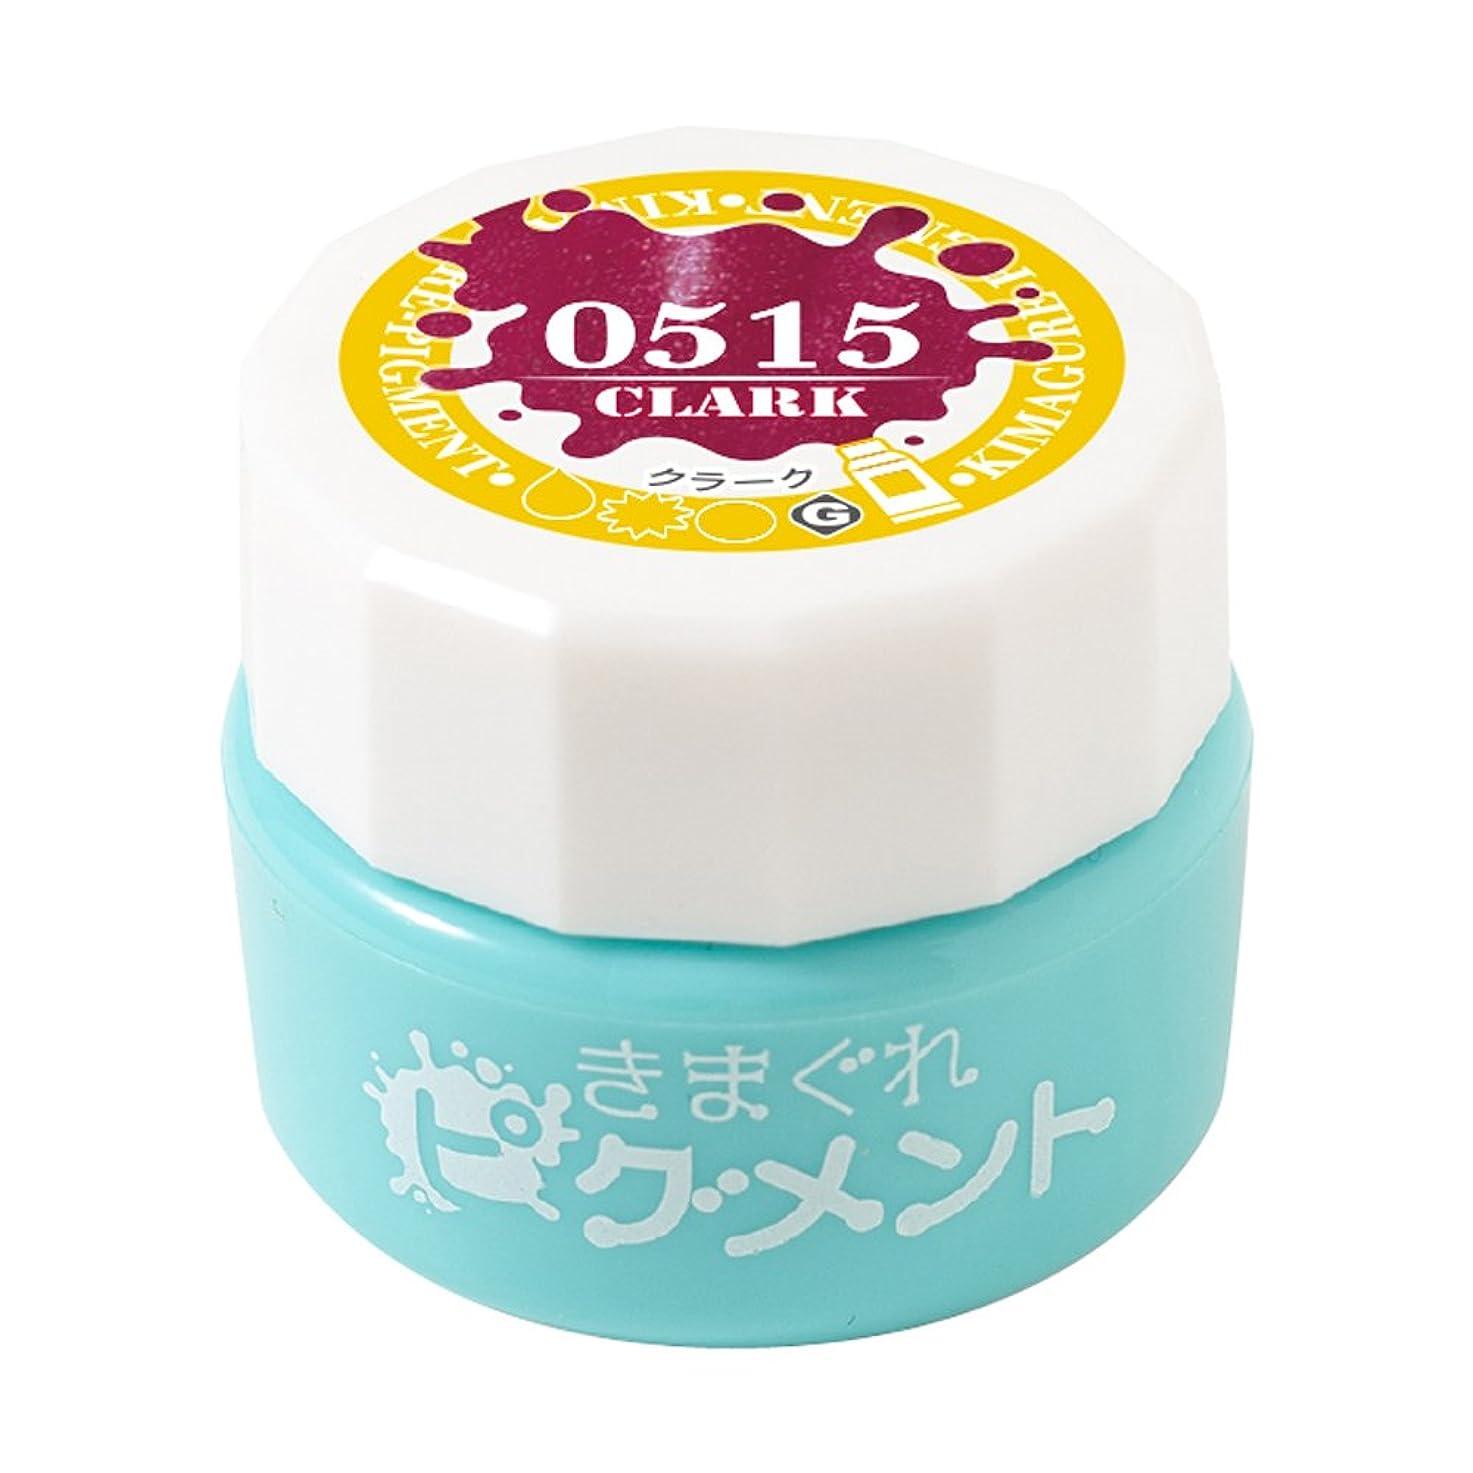 おもてなしシャワー吸収Bettygel きまぐれピグメント クラーク QYJ-0515 4g UV/LED対応